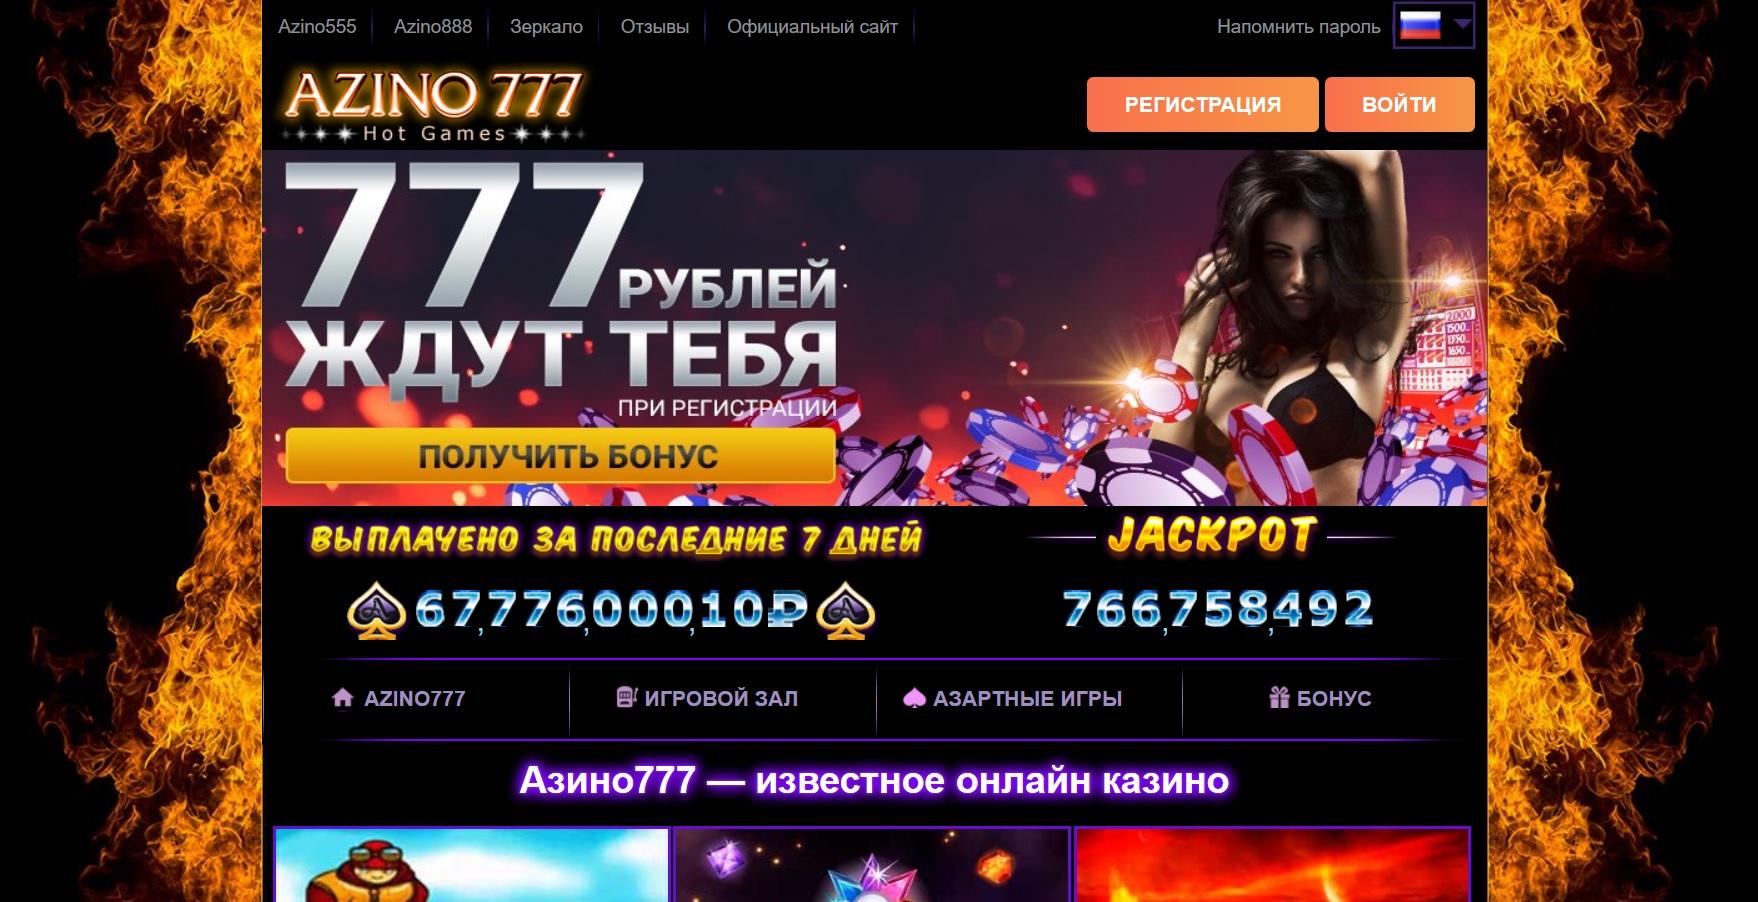 azino777 официальный сайт me